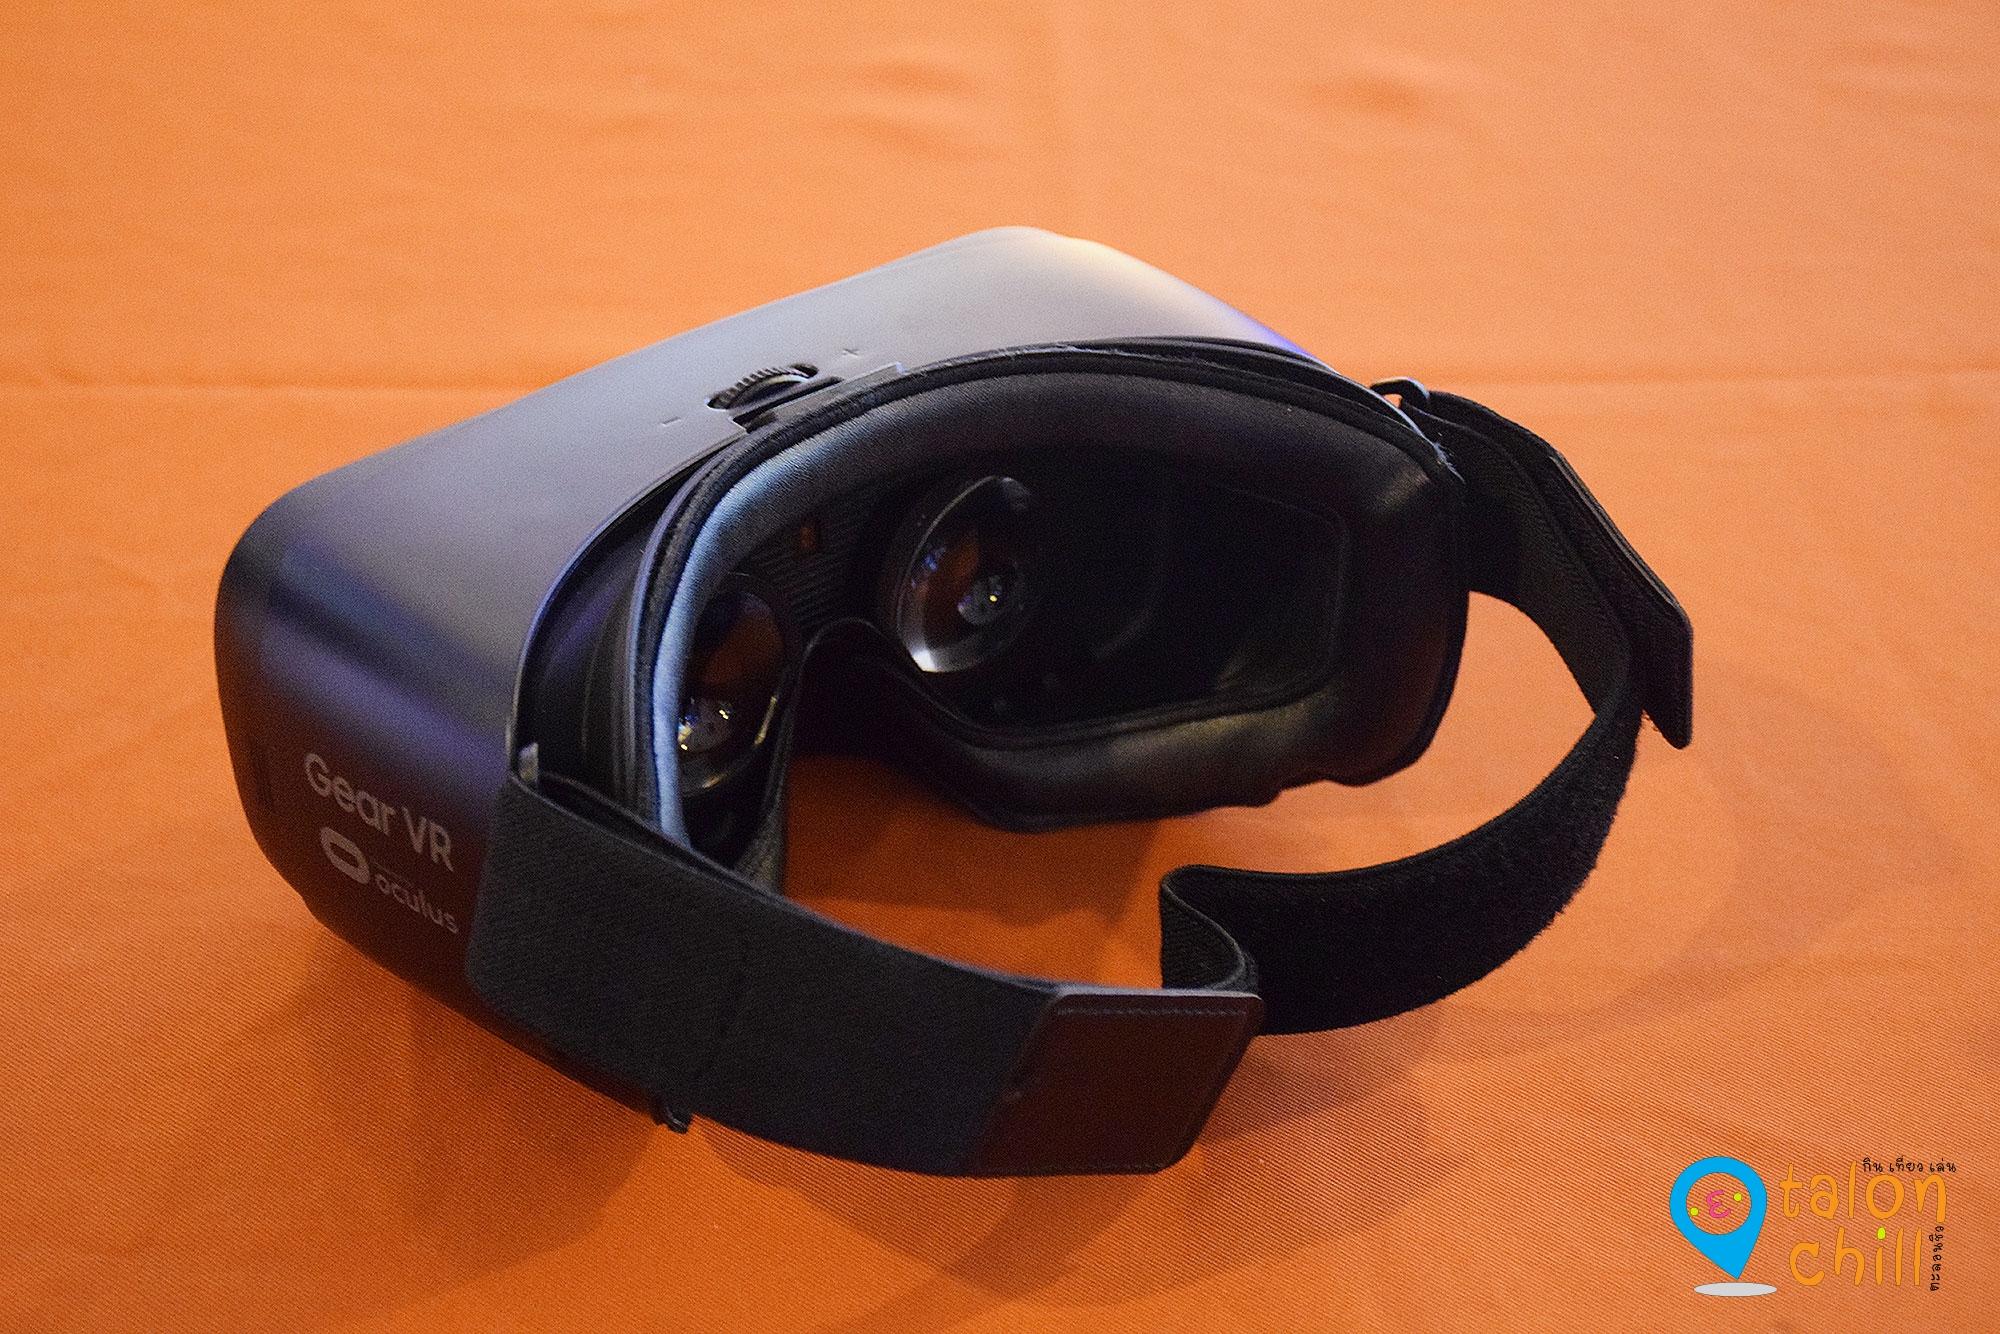 [Review] แว่น Gear VR 2.0 Powered by Oculus เรื่อง Ouija 2 กระดานผี(สะดุ้ง)กระชากวิญญาณ